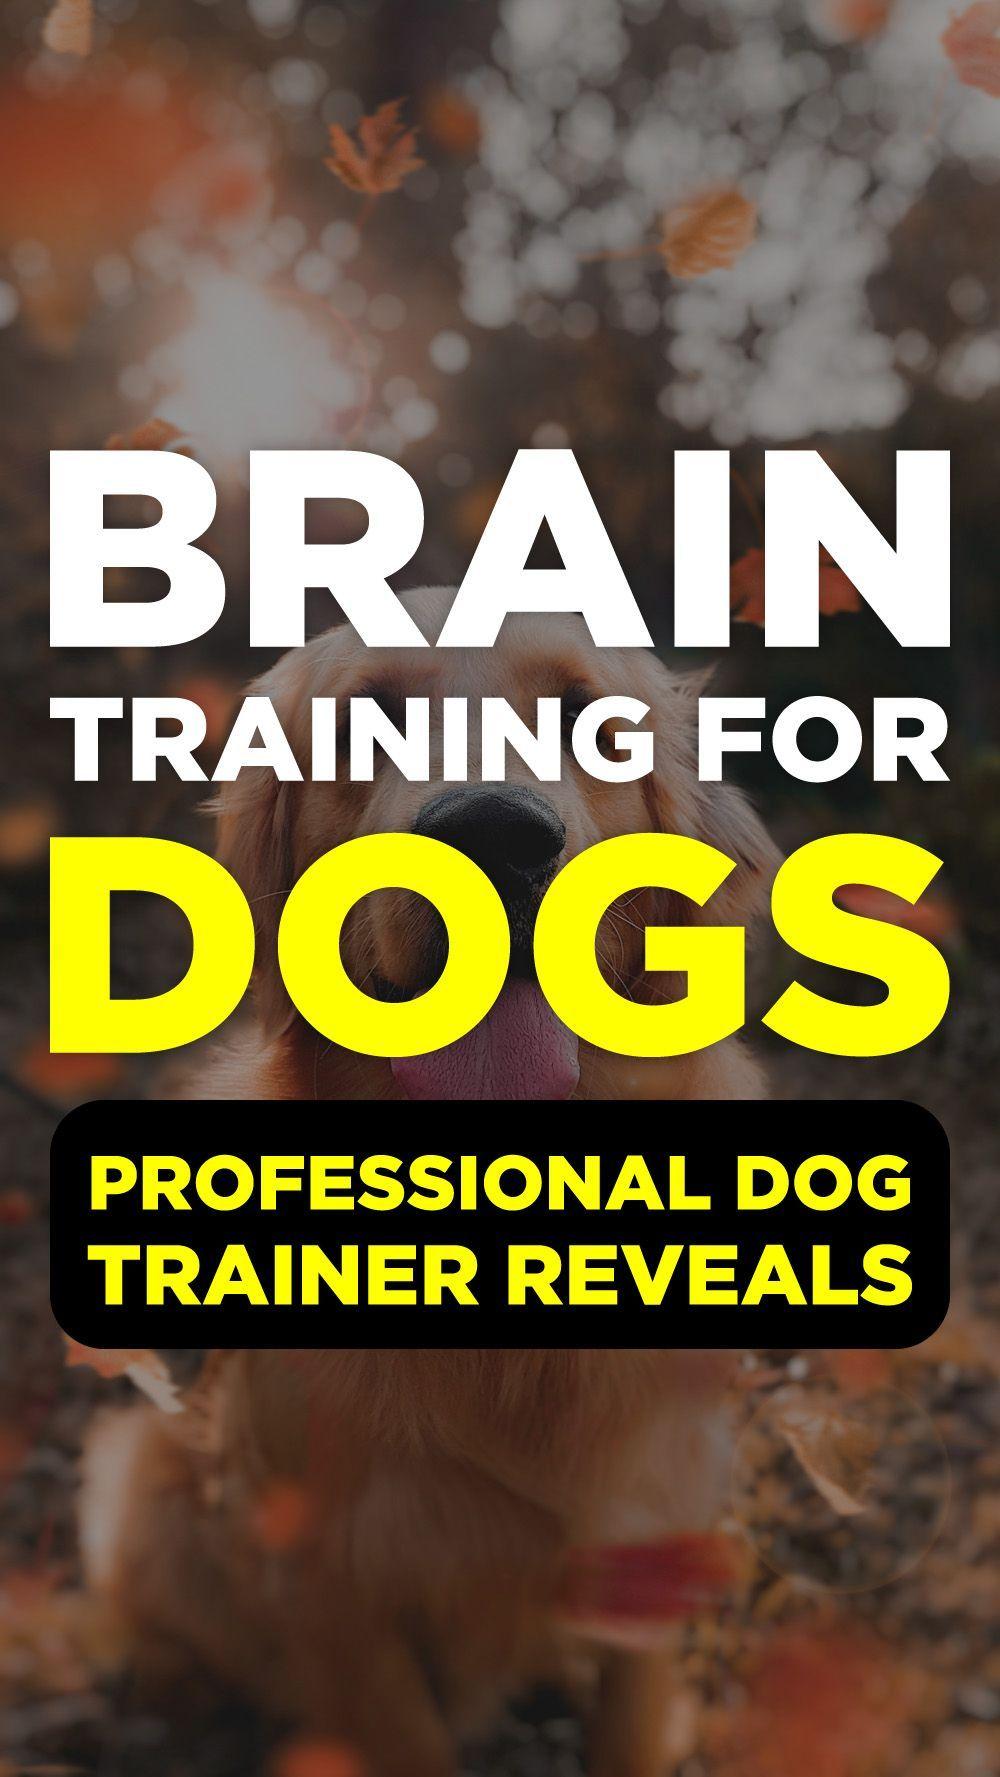 Dog Training, cat tip, cat leash, training dog, poodle